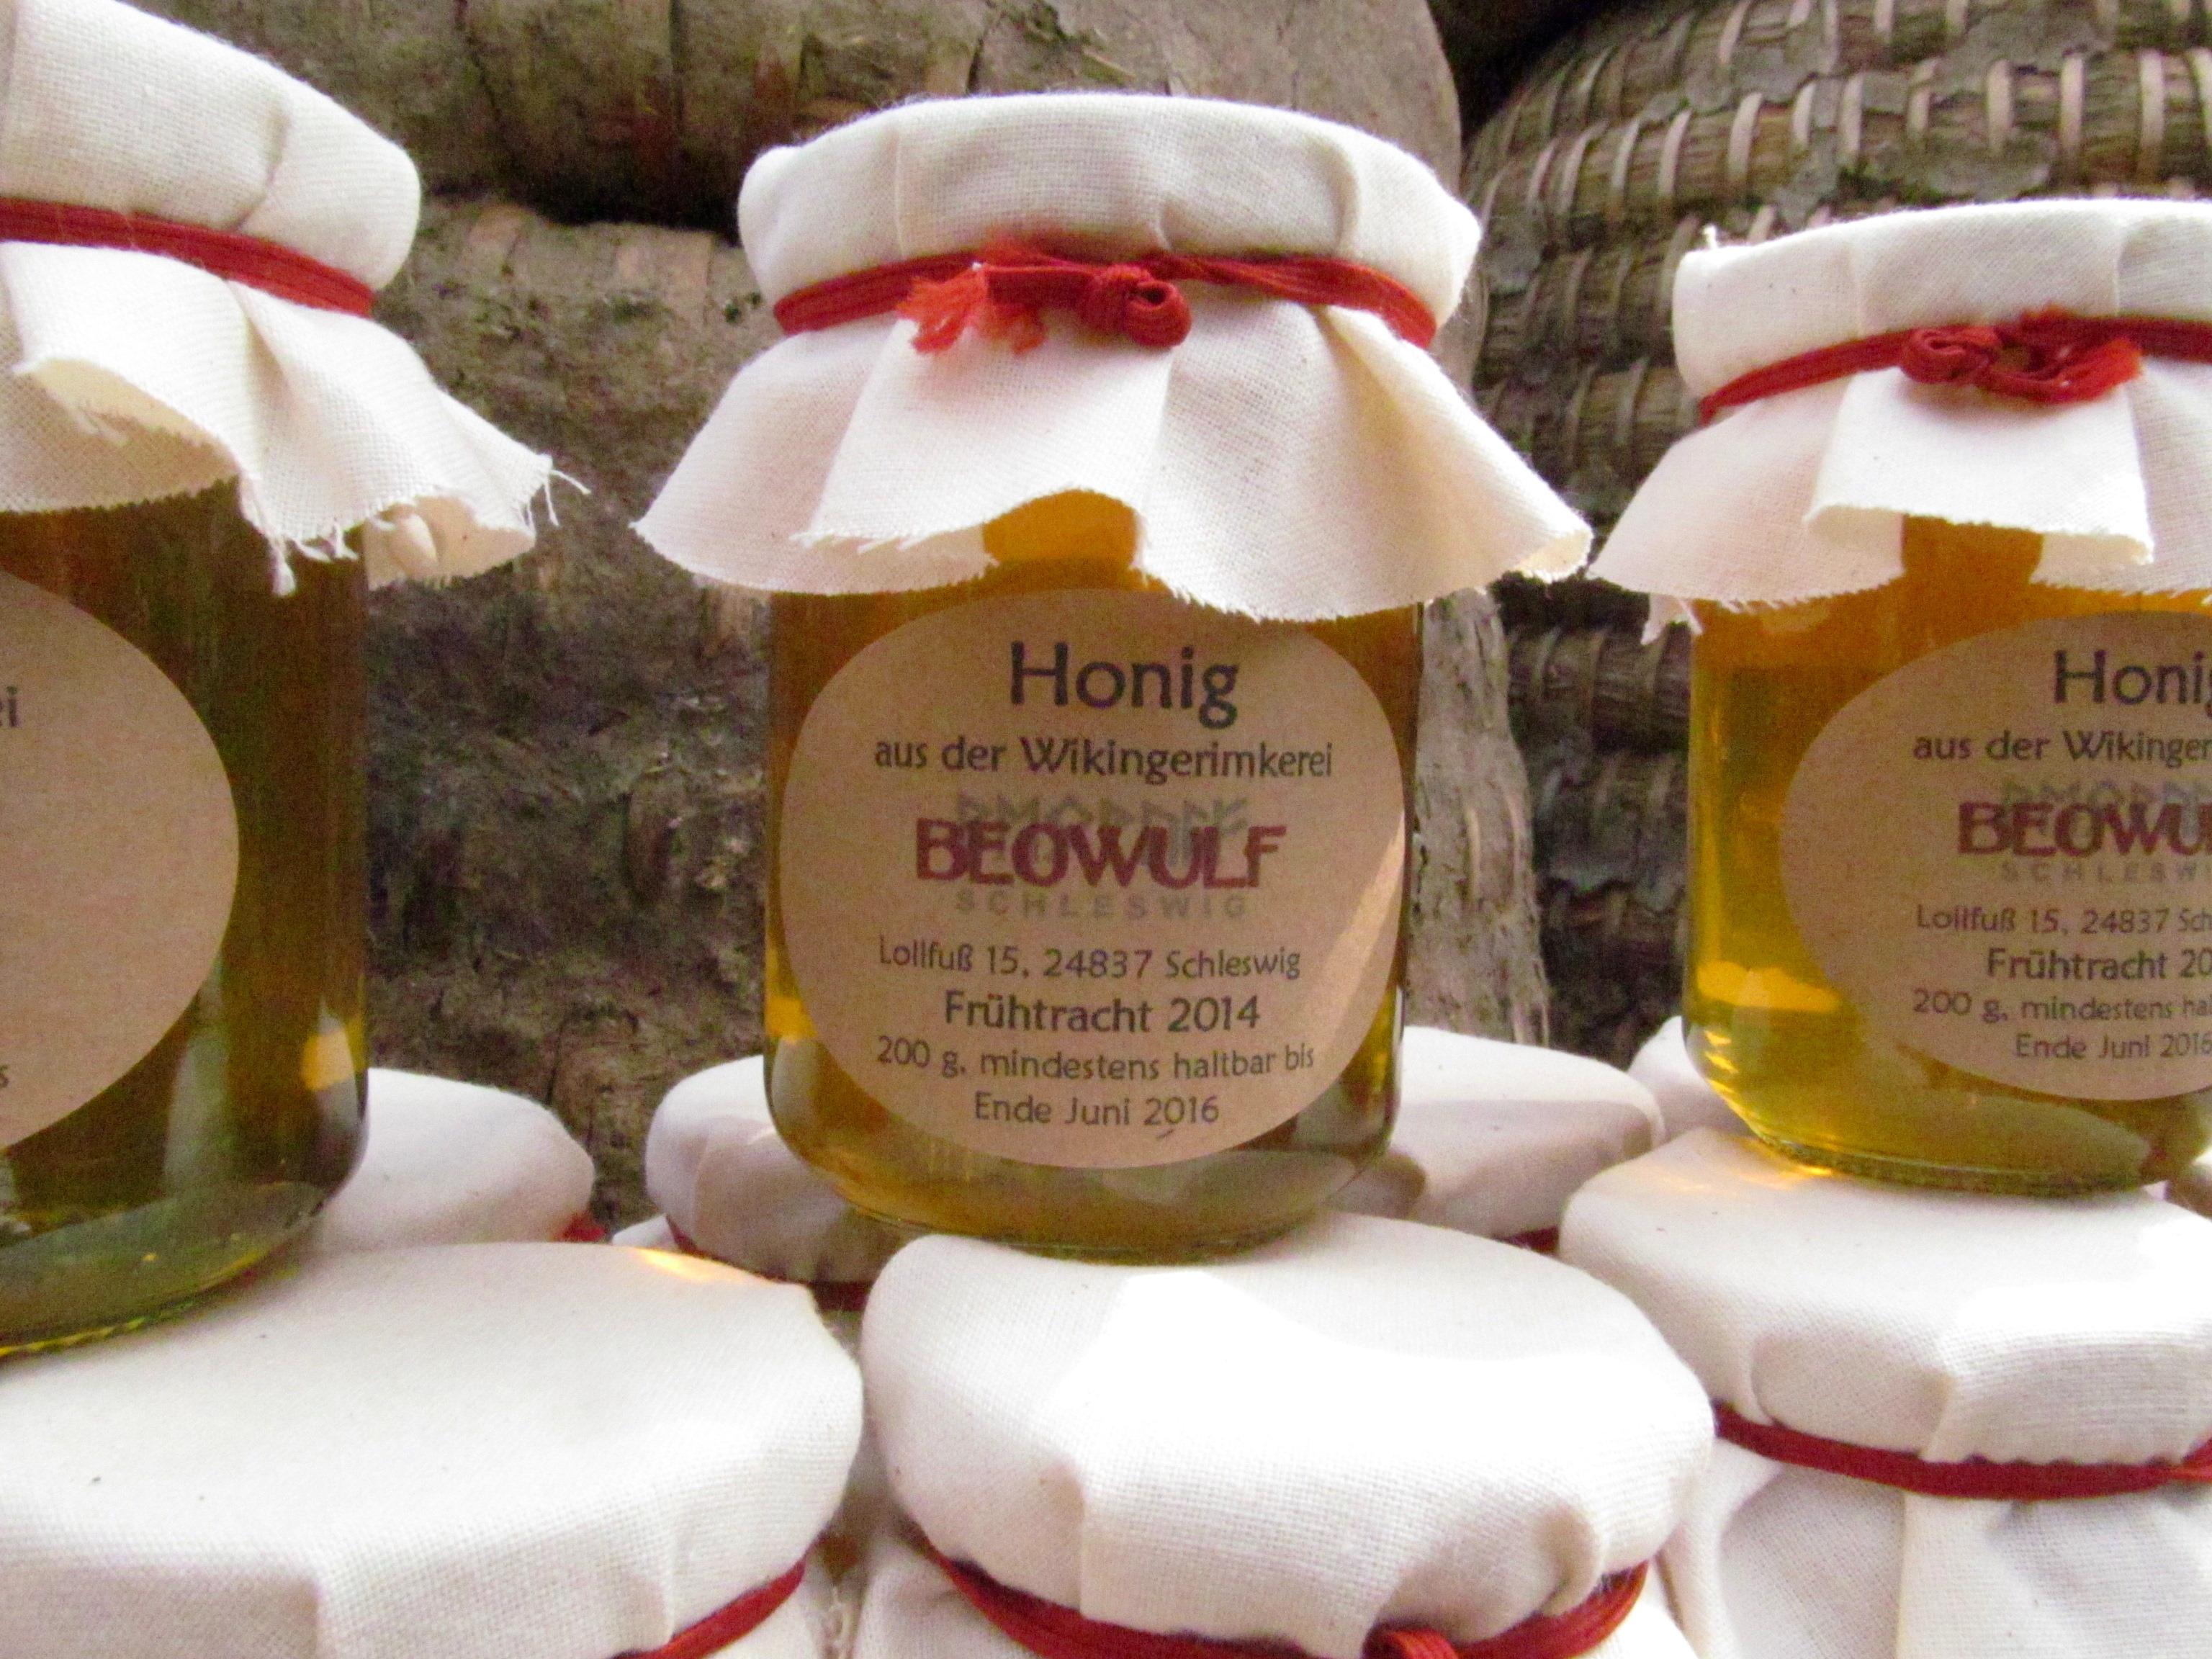 Honig aus der Wikingerimkerei